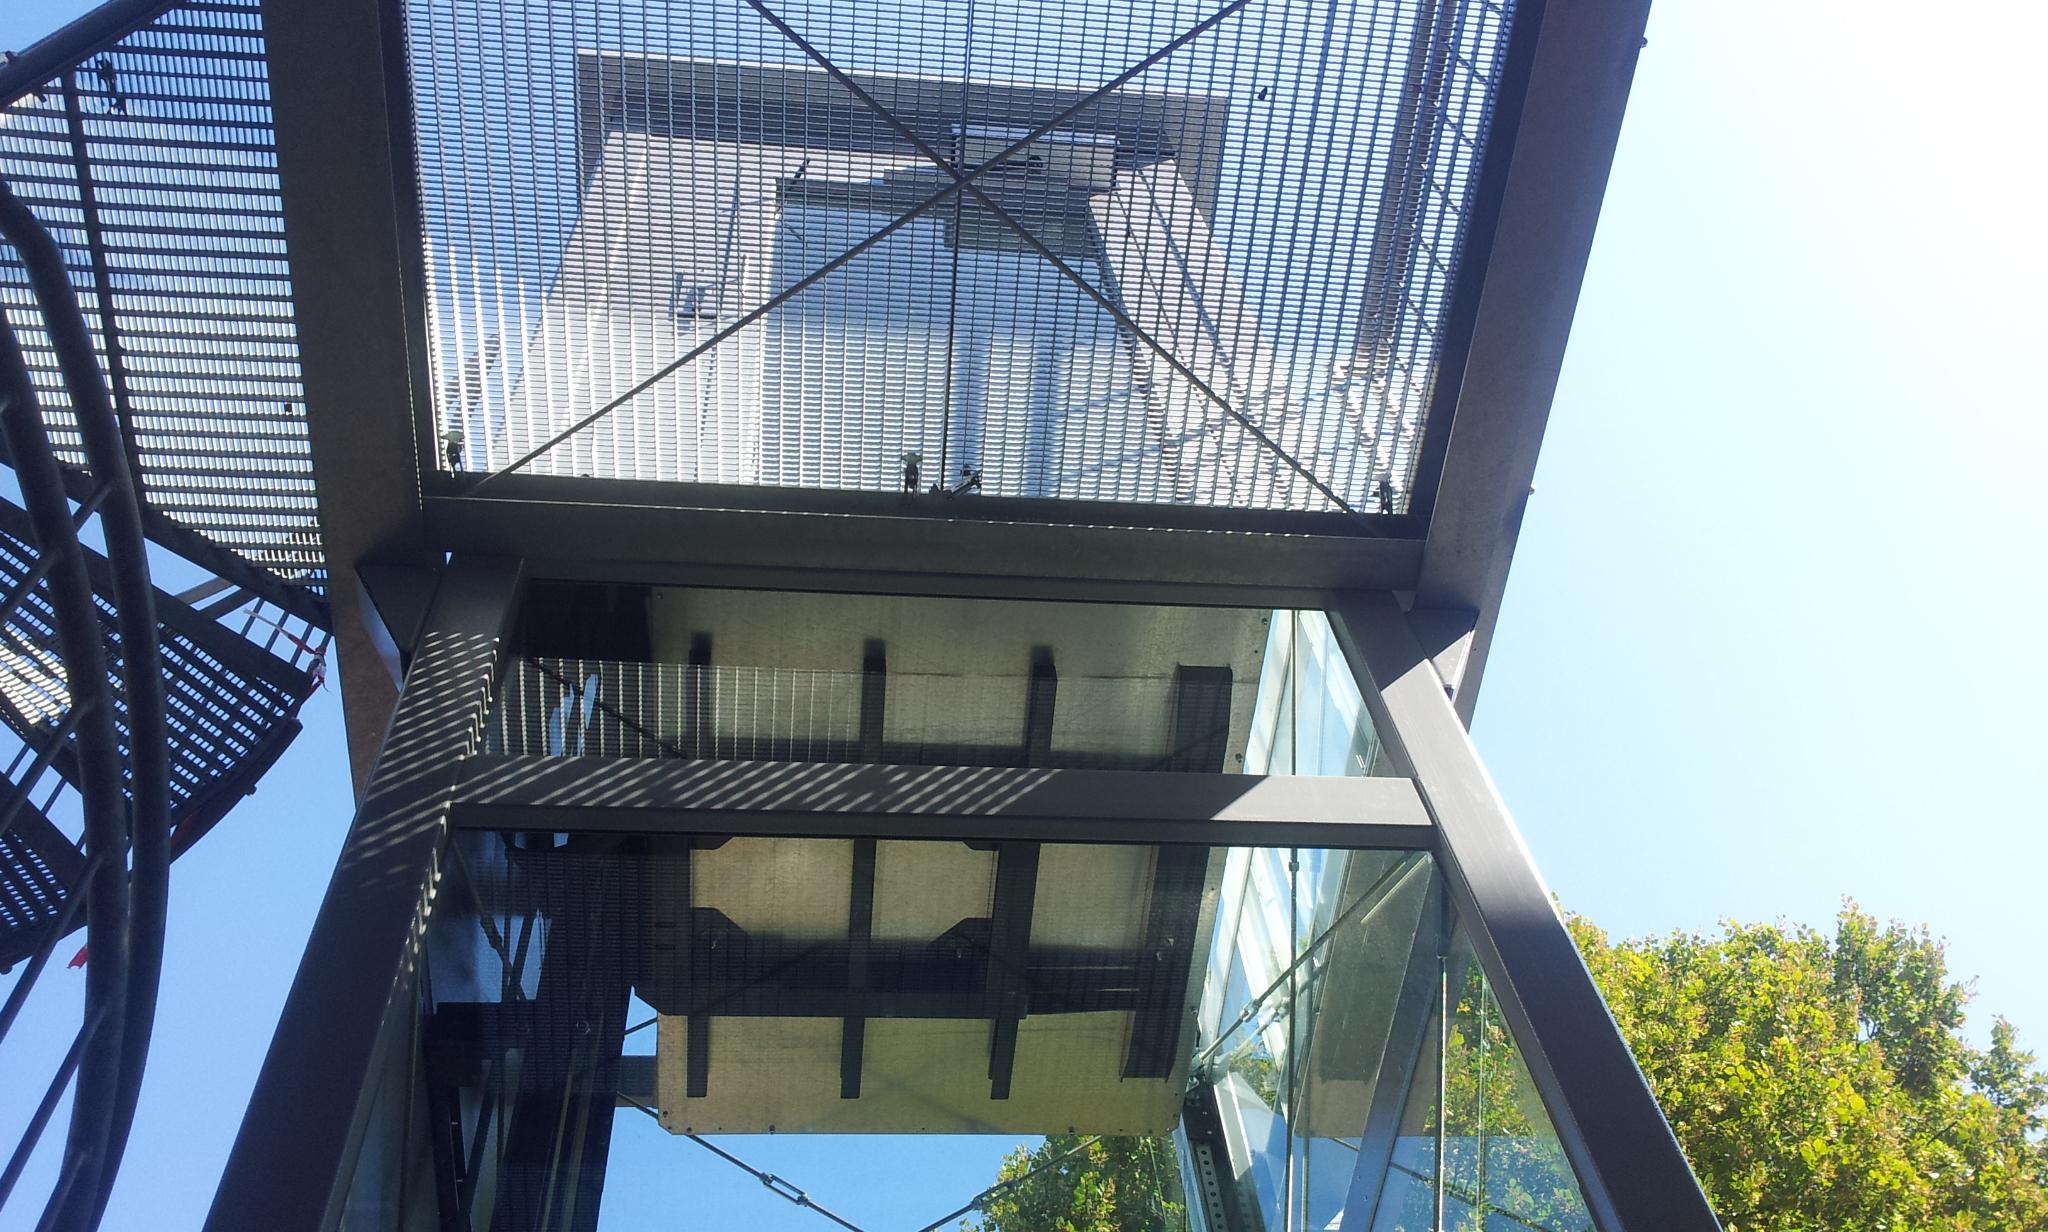 Detailansicht Zugang Lift über Metallelemente